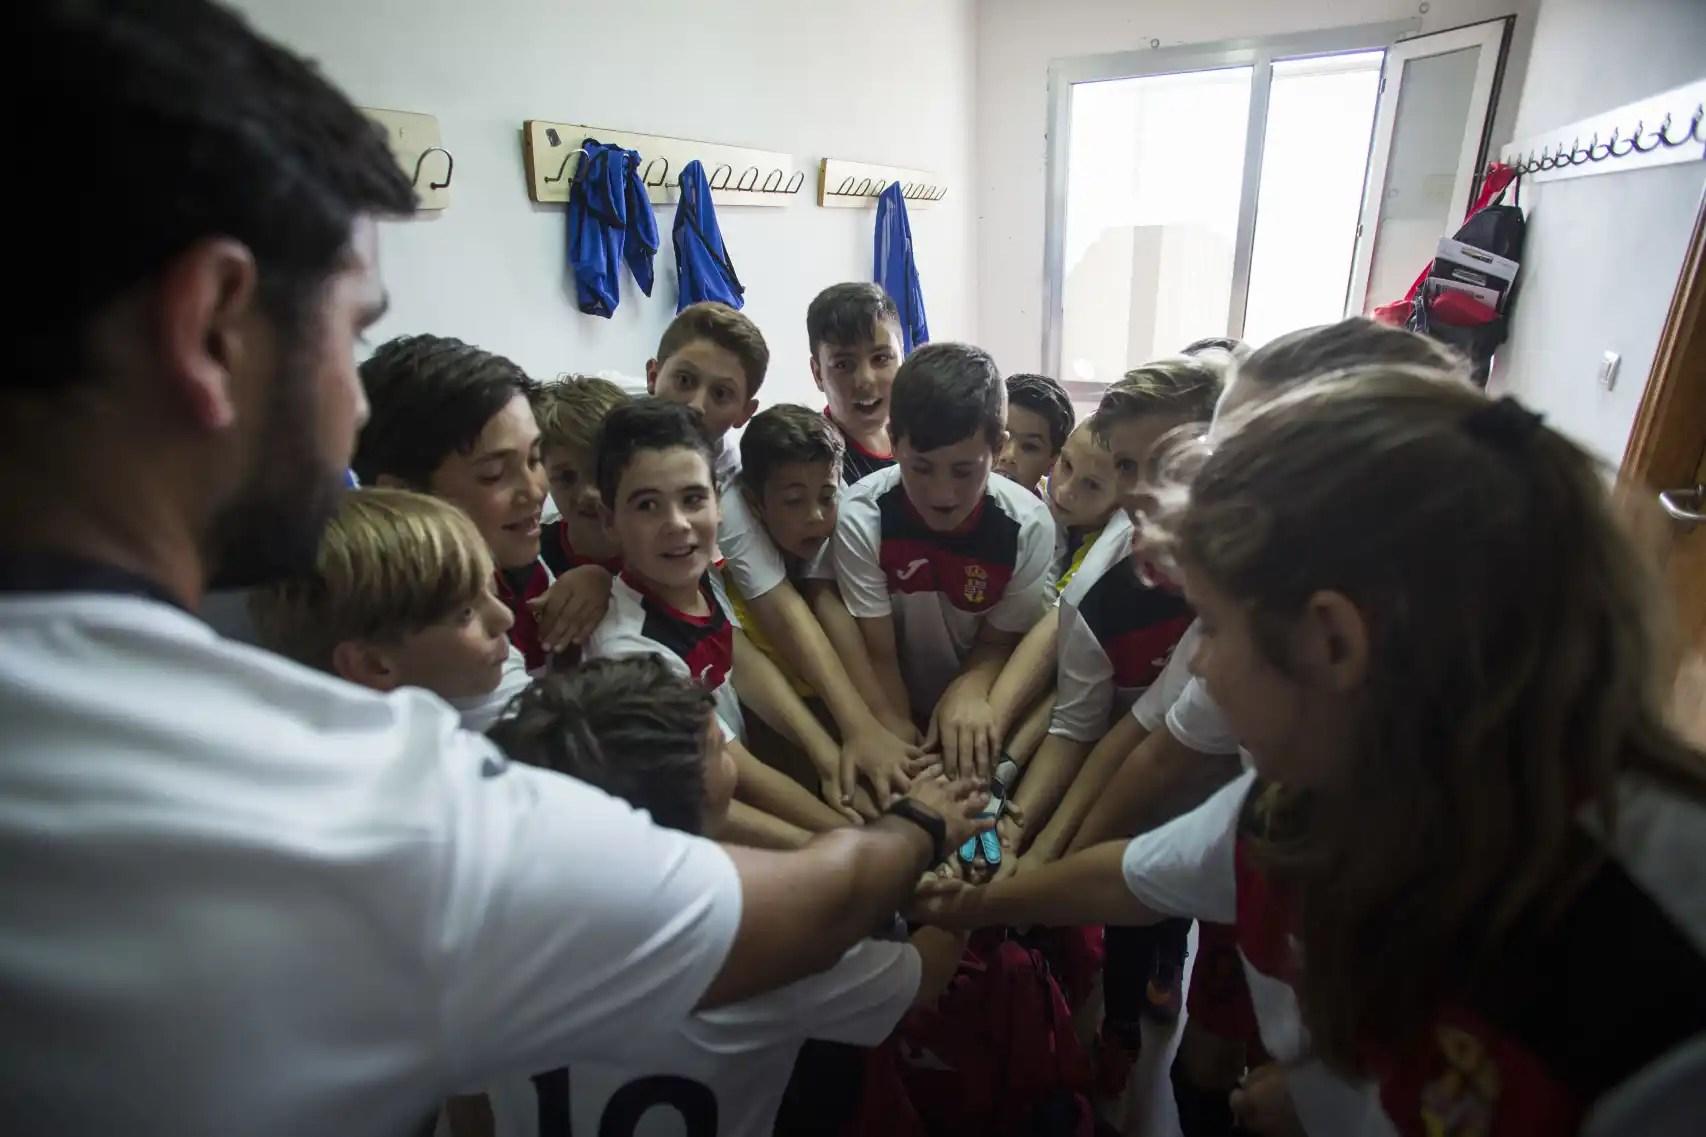 La Asociación Deportiva Albuñol lanzando vítores previos a saltar al campo.